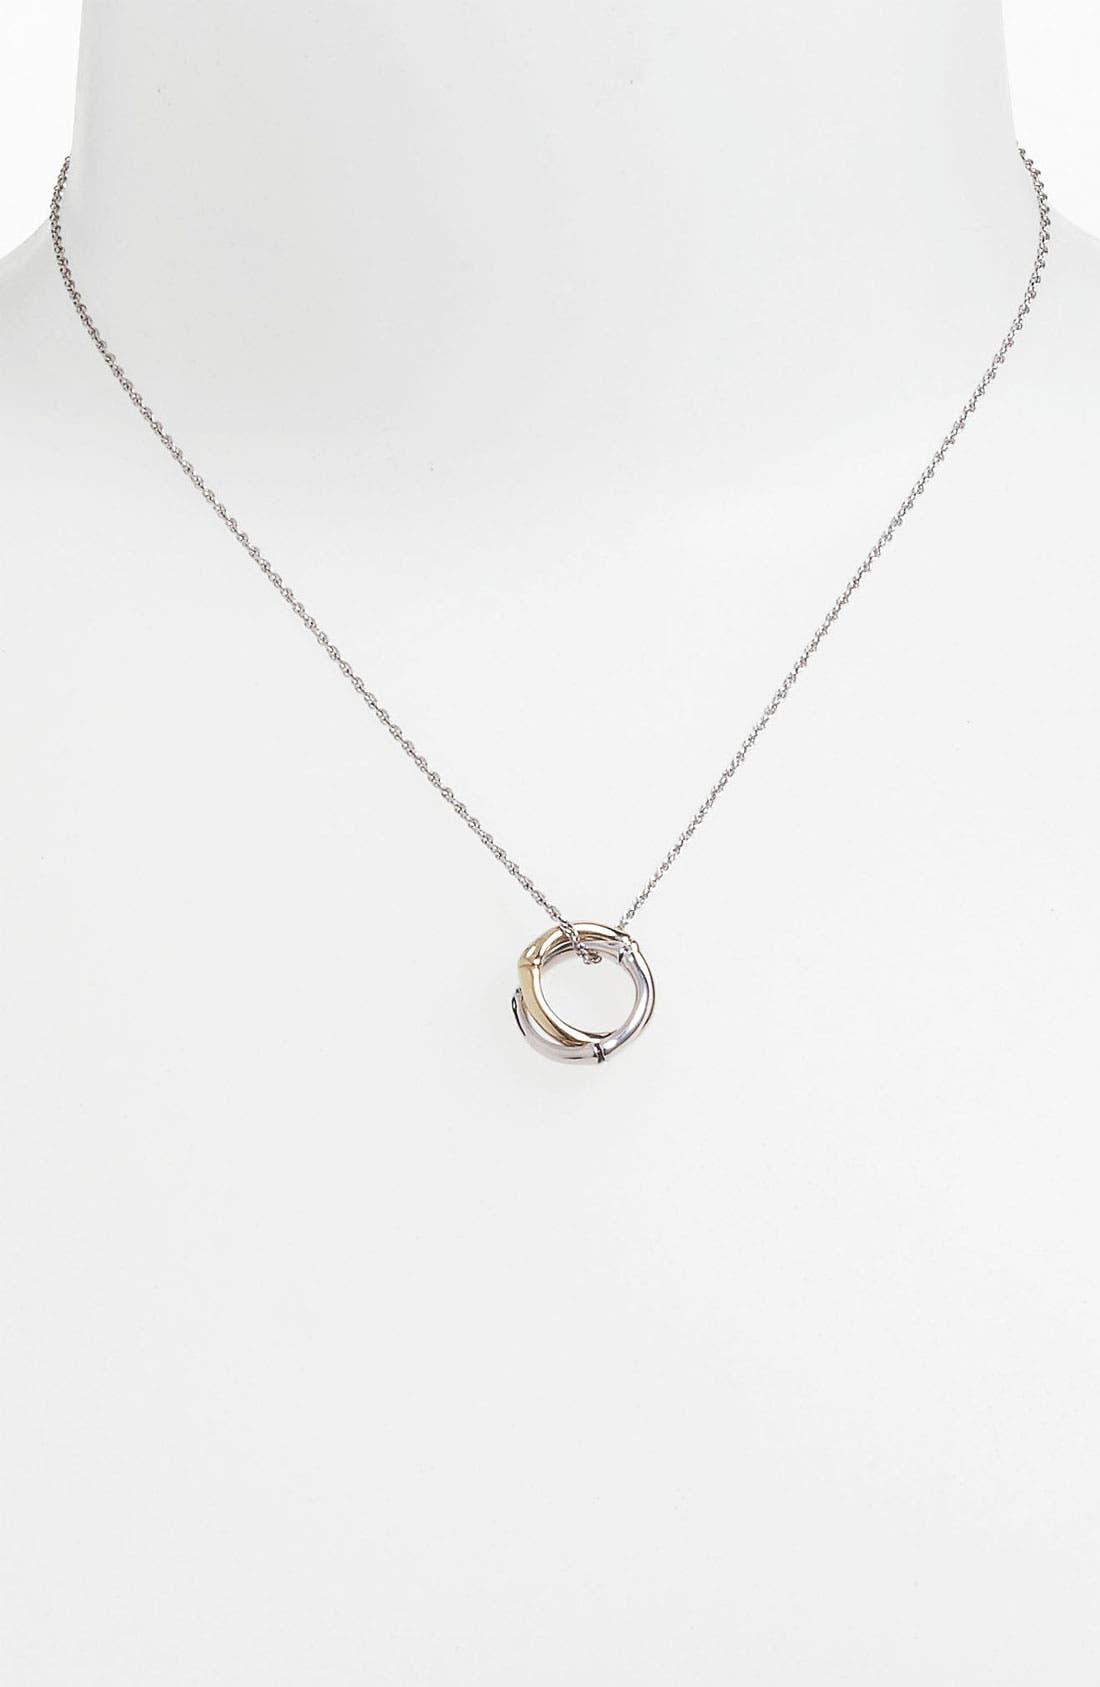 Alternate Image 1 Selected - John Hardy 'Bamboo' Interlocking Pendant Necklace